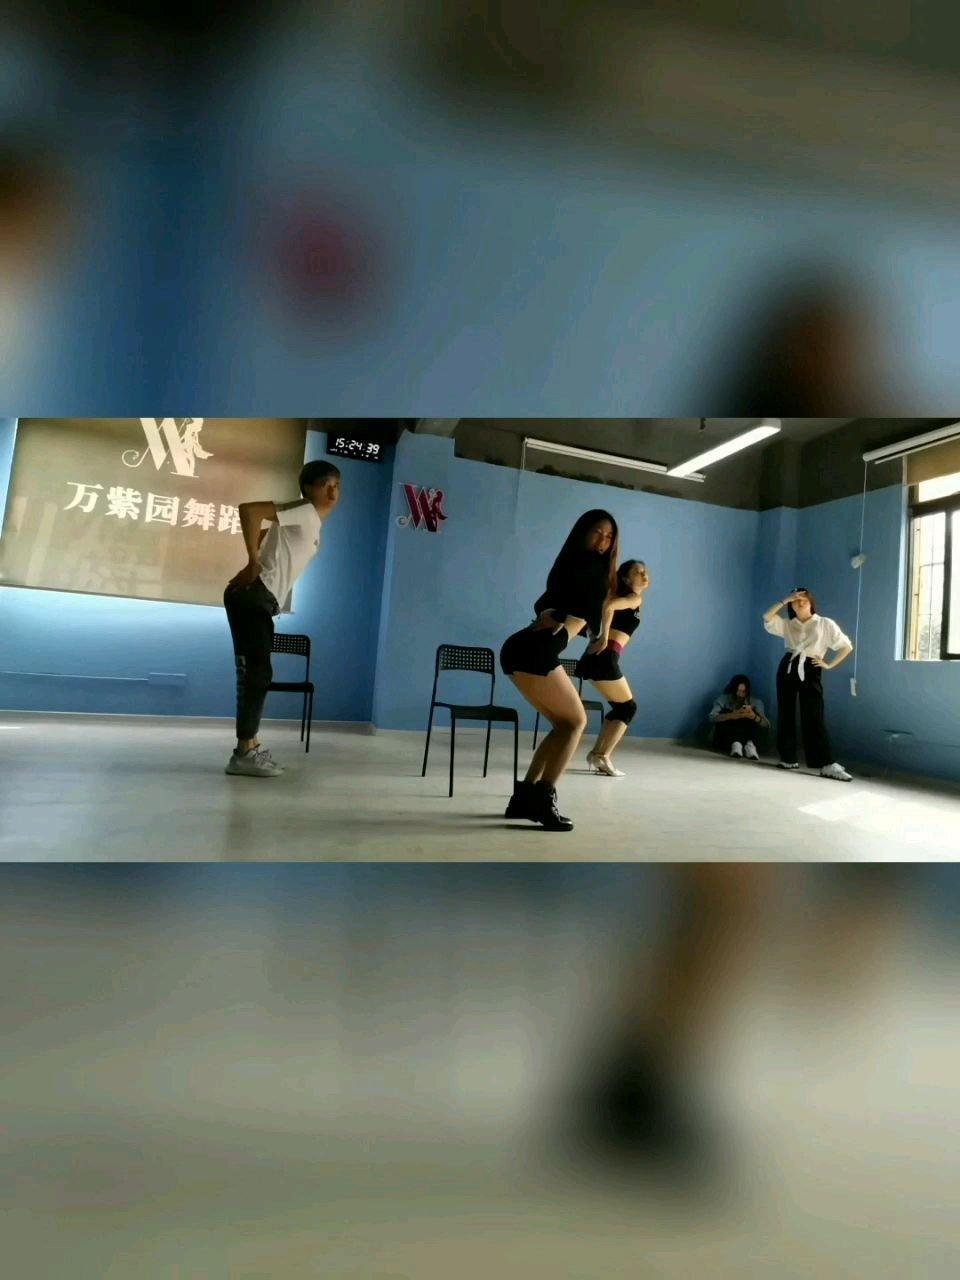 是舞蹈给他们带来的自信@盼盼舞蹈教学 #花椒好舞蹈